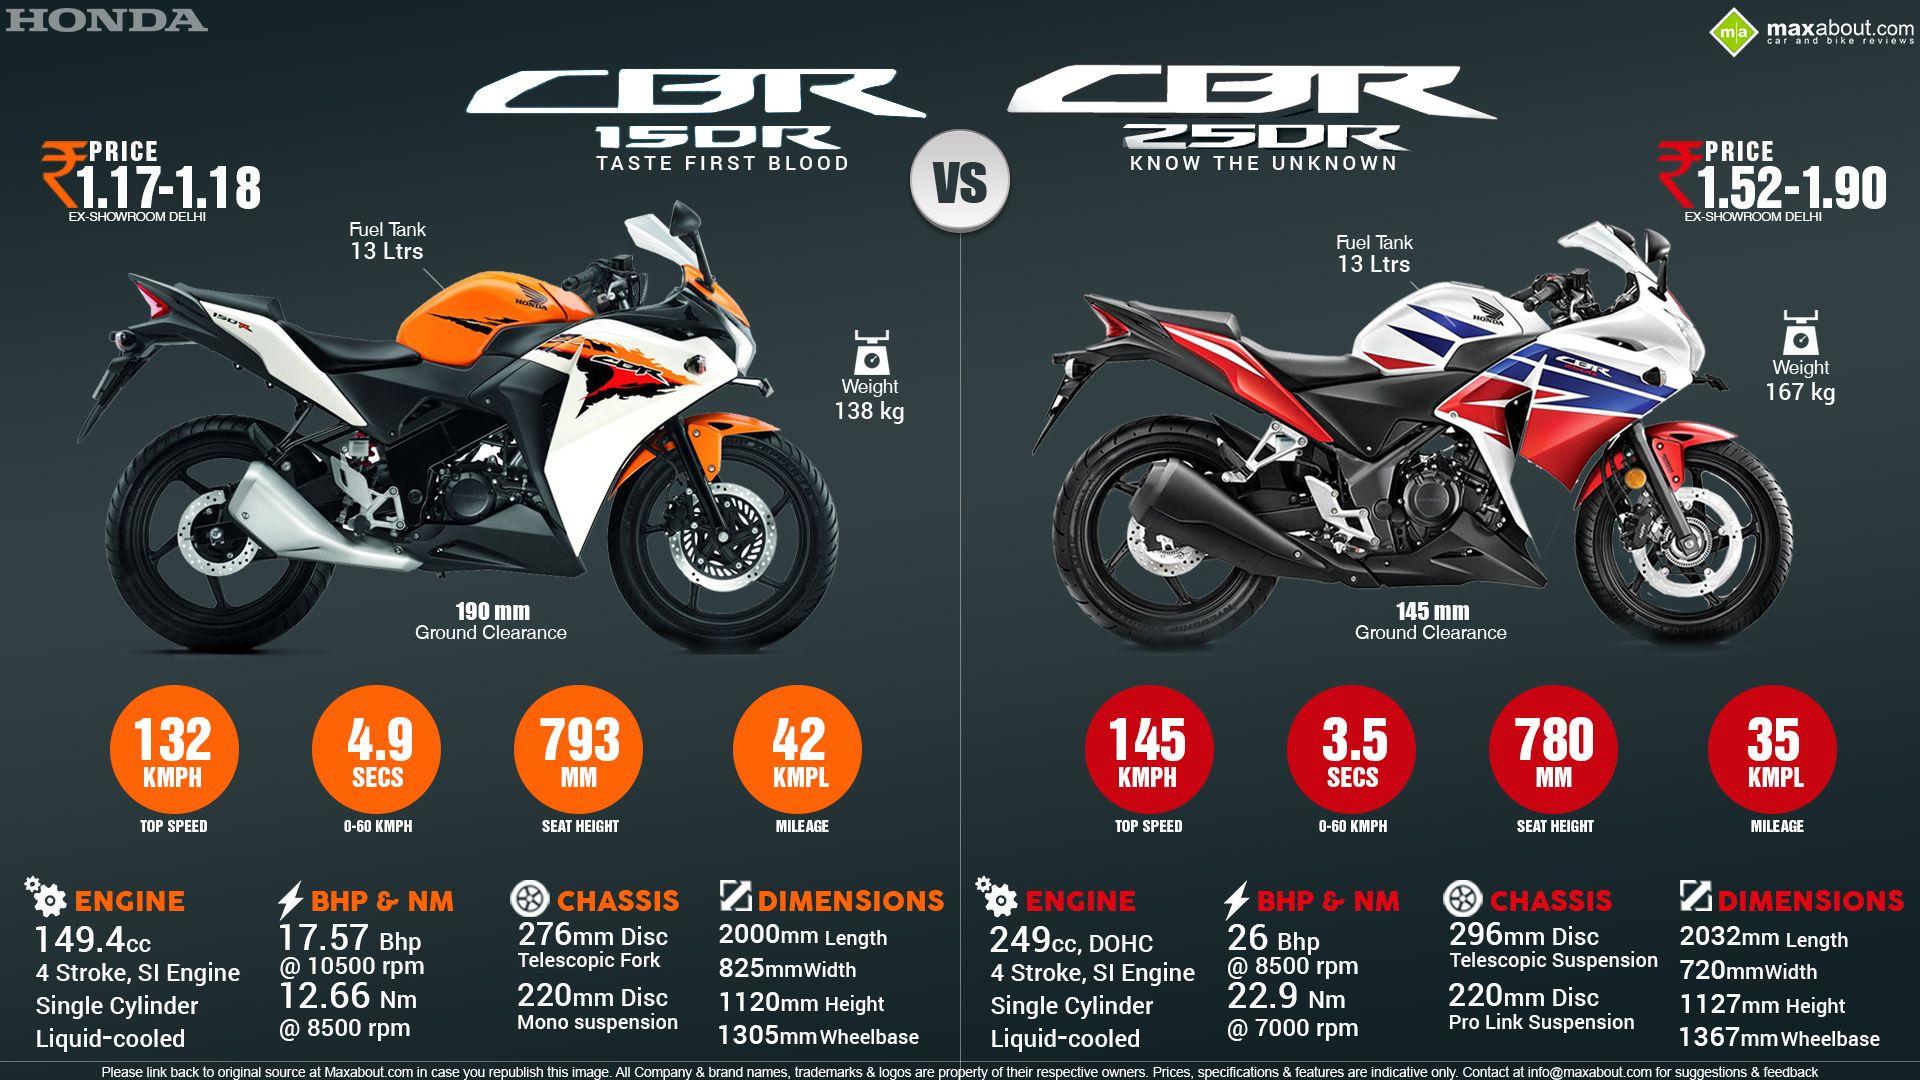 Bike stickers design for cbr 150 - Honda Cbr150r Vs Honda Cbr250r